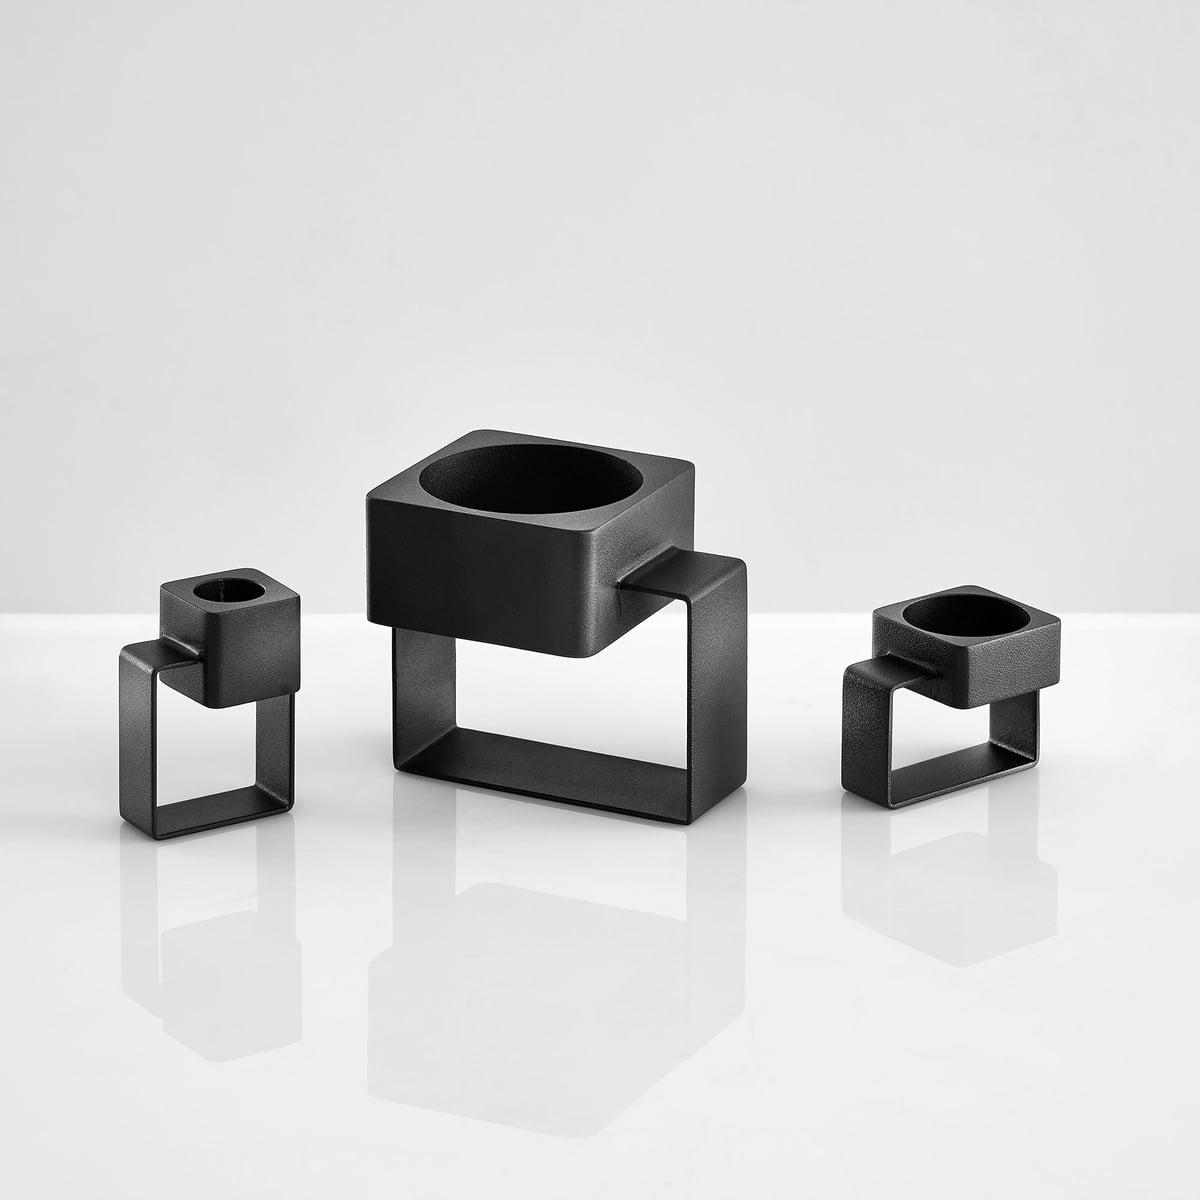 tap teelichthalter von woud im shop kaufen. Black Bedroom Furniture Sets. Home Design Ideas